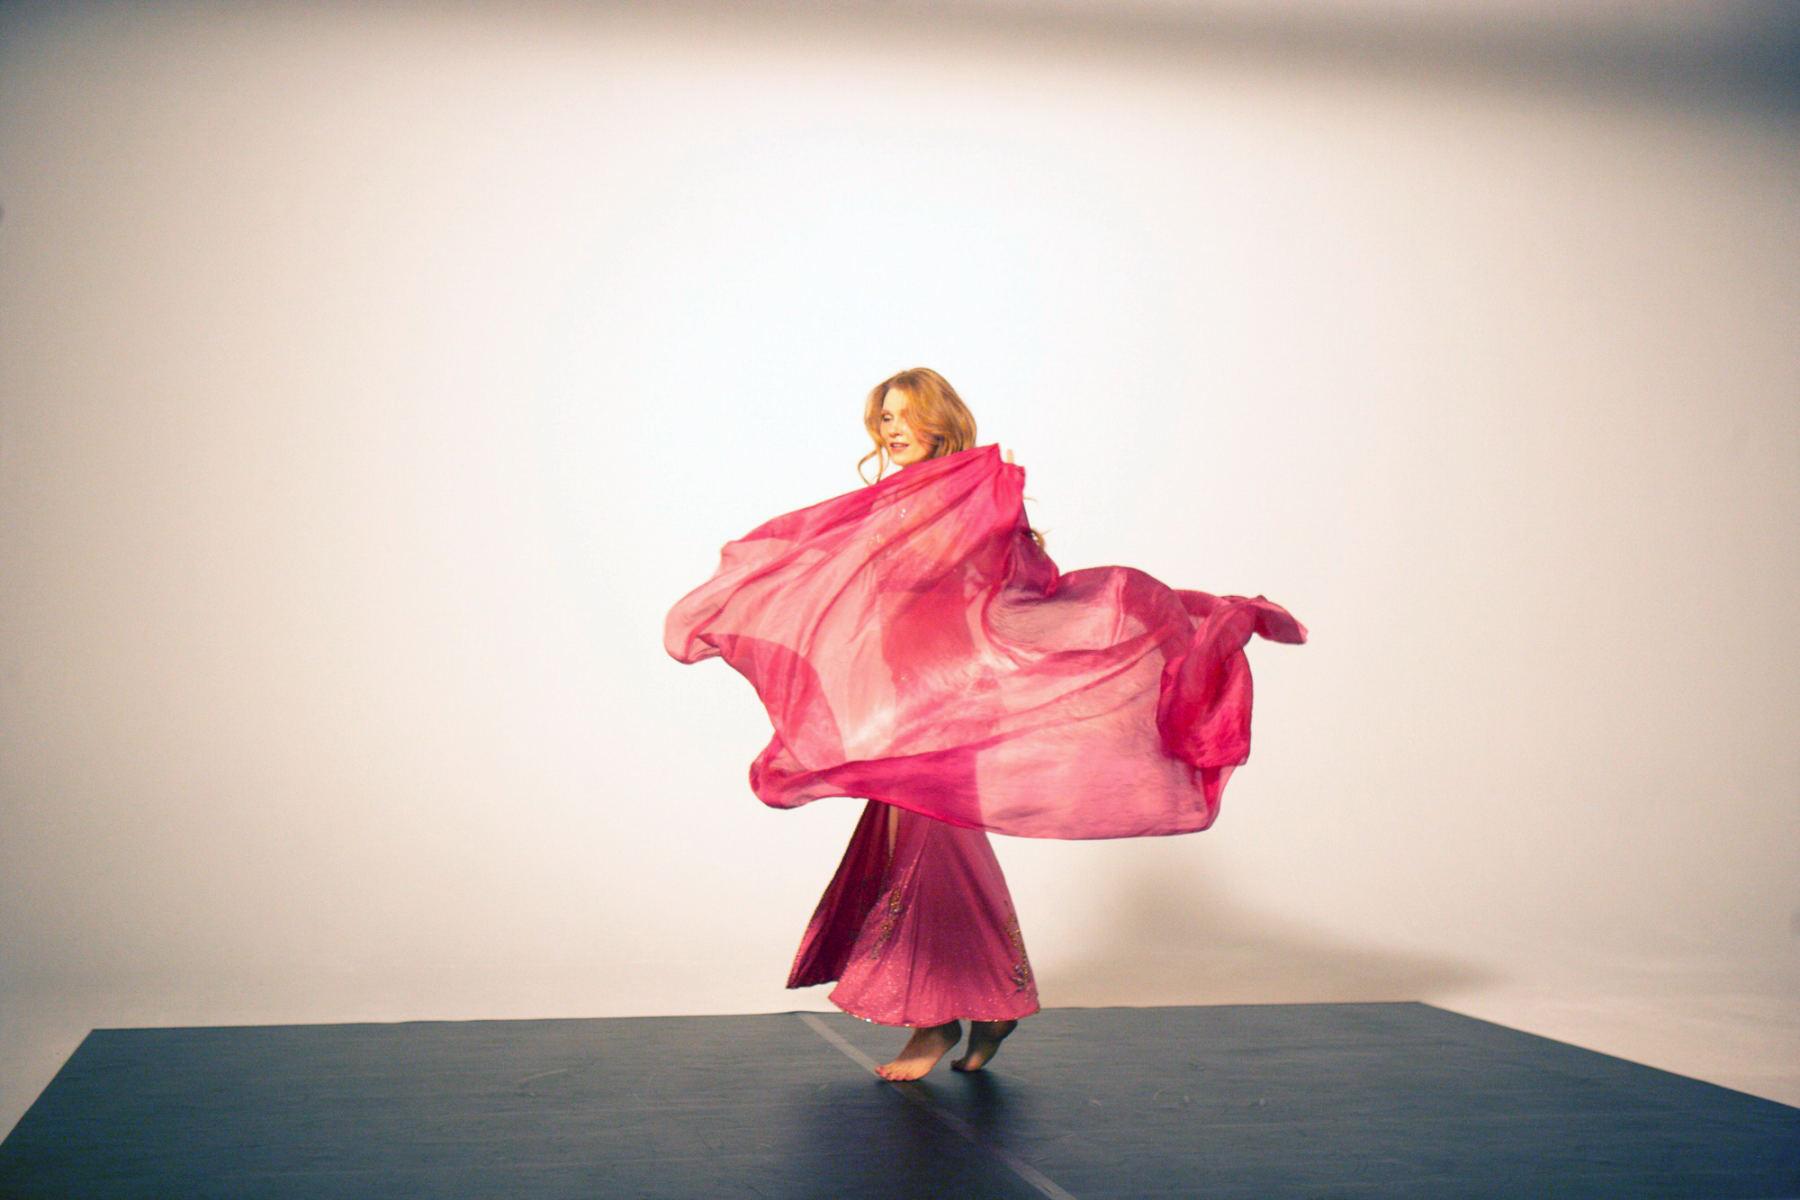 Eine Frau mit einem roten Oberteil und einem roten Kleid in einem Studio. Ein Halbdurchsichtiger Schal schwingt um sie. Die Bilder wurden für ein freies Filmprojekt im Studio Saibou in Köln aufgenommen.